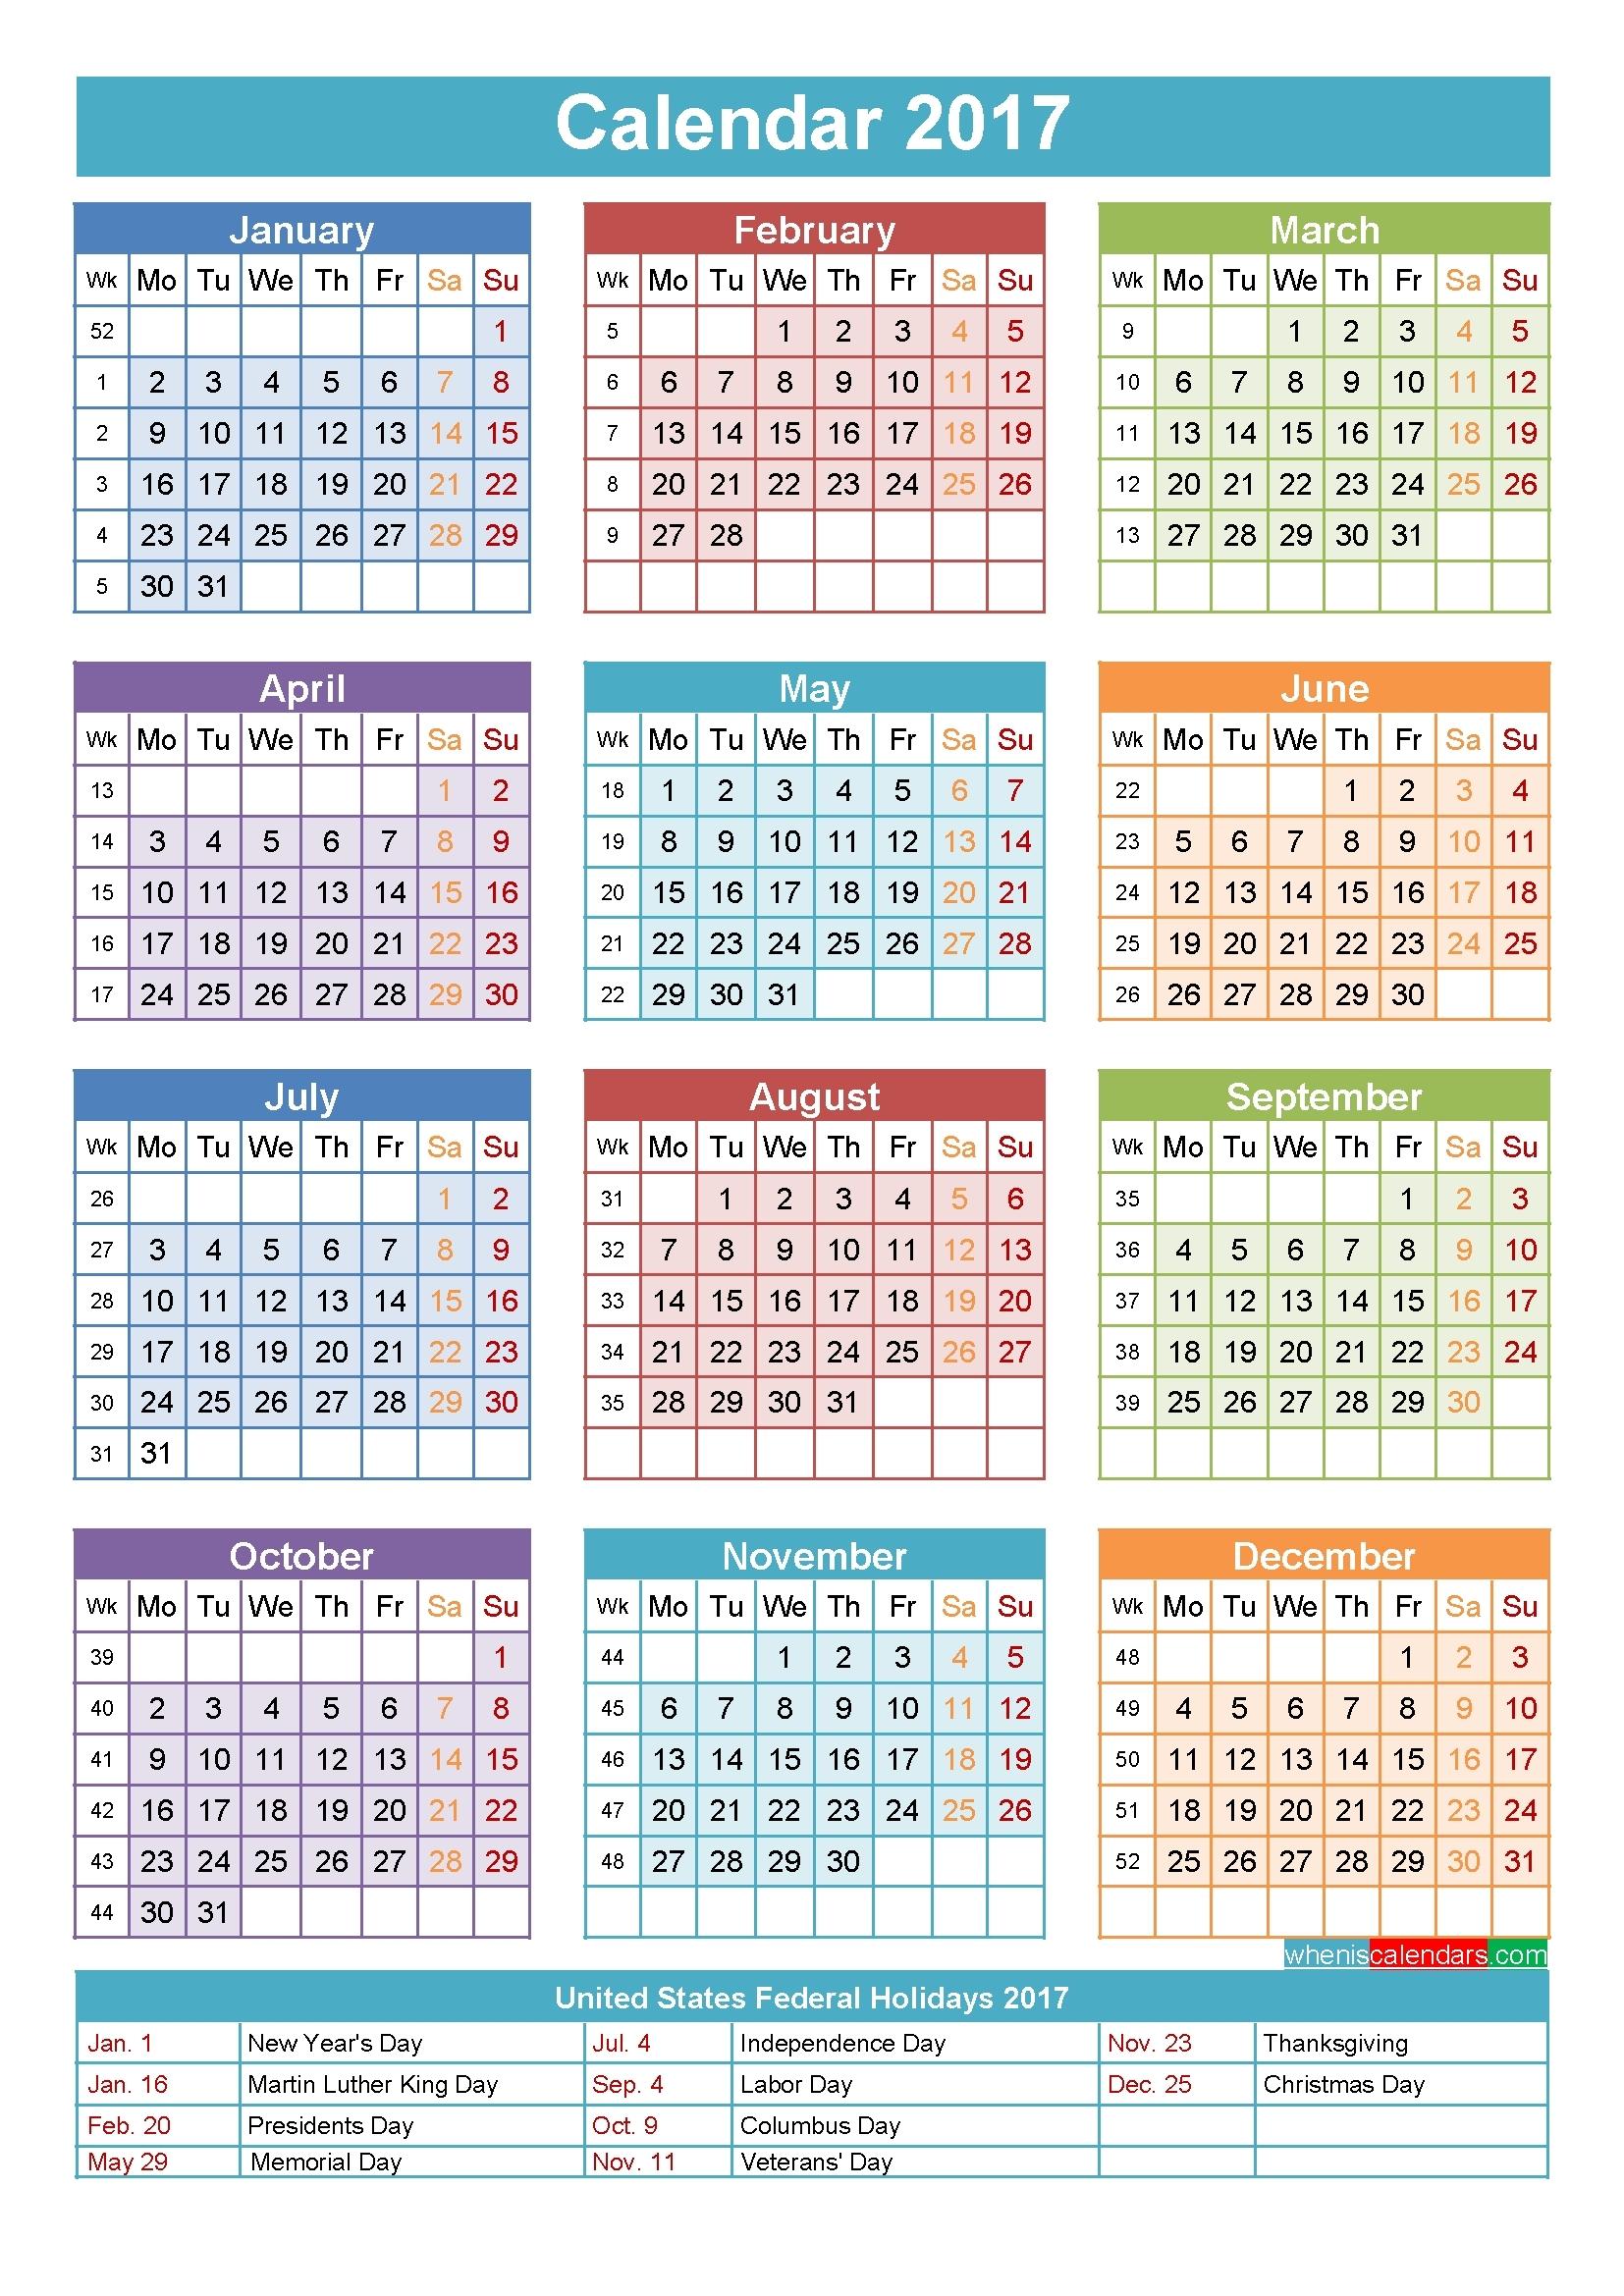 Multi-Dose Vial Expiration Date Calendar :-Free Calendar